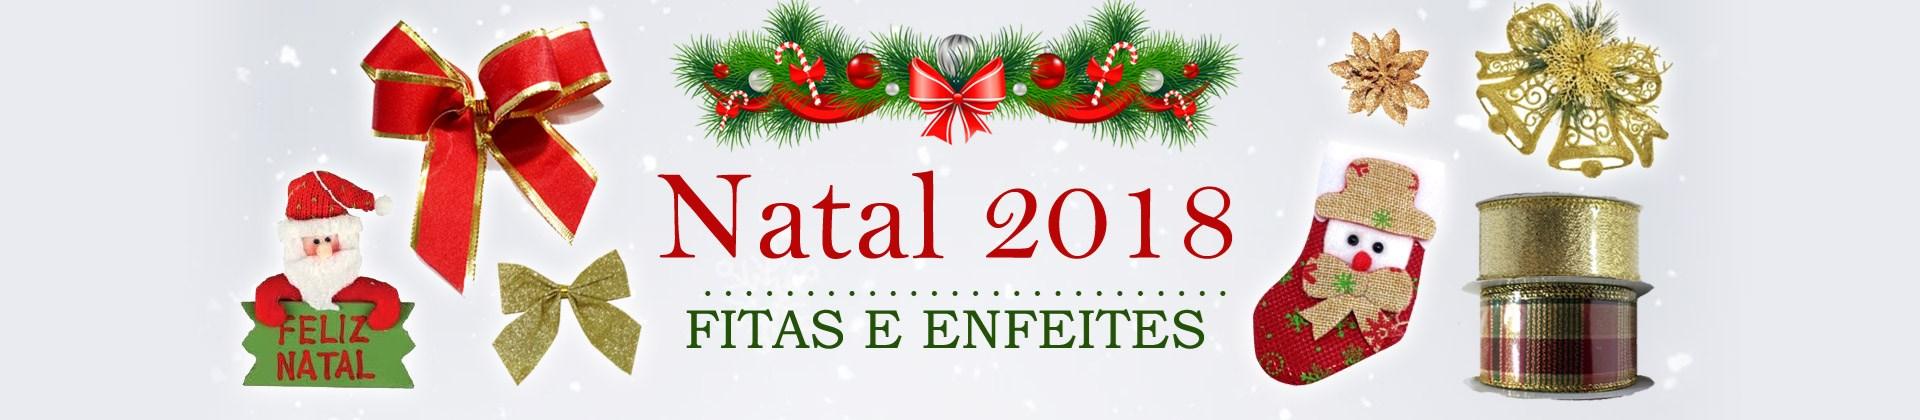 natal 208